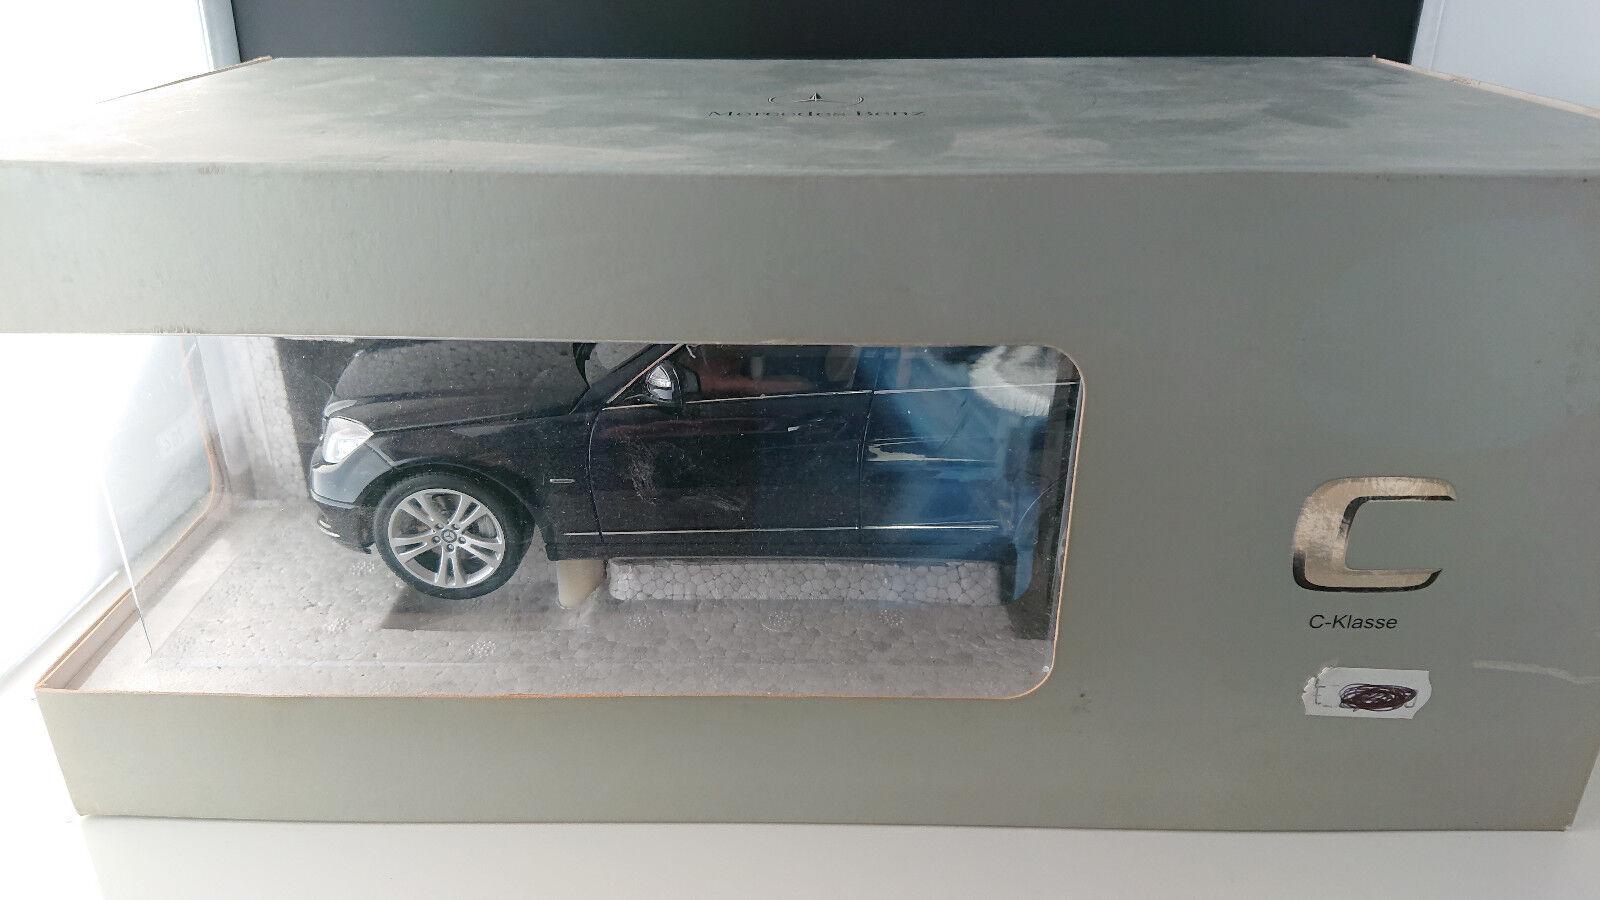 1:18 Autoart MERCEDES CLASSE C T-Modèle c350 AVANTGARDE blaumet. s204 NEUF neuf dans sa boîte | France